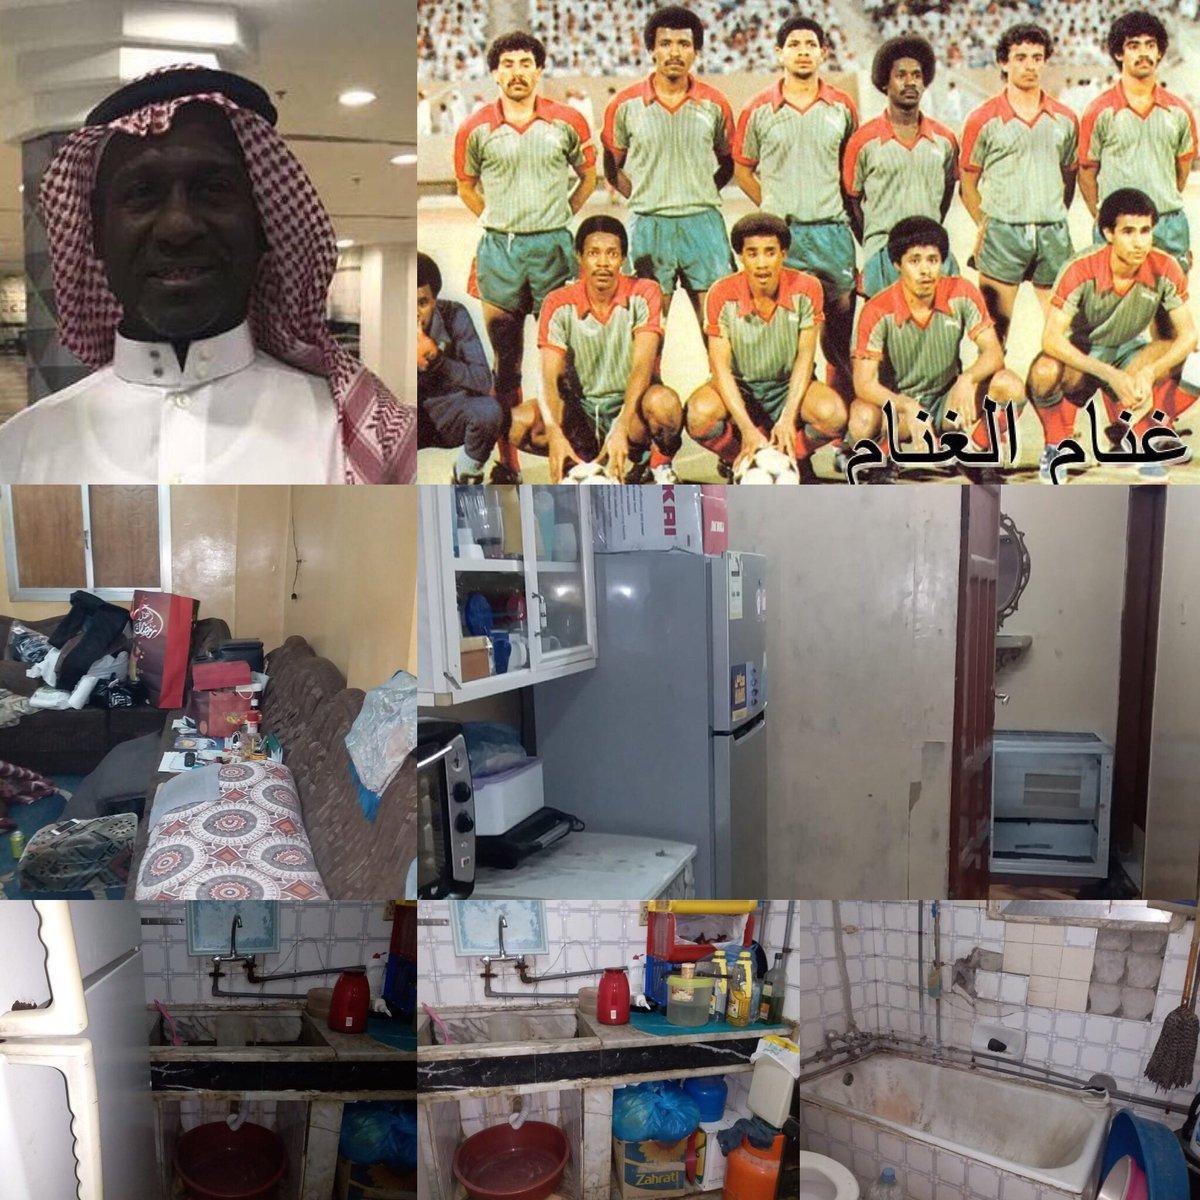 عبدالله الواكد, سعيد العويران, جمعية أصدقاء لاعبي كرة القدم الخيرية and 7 others